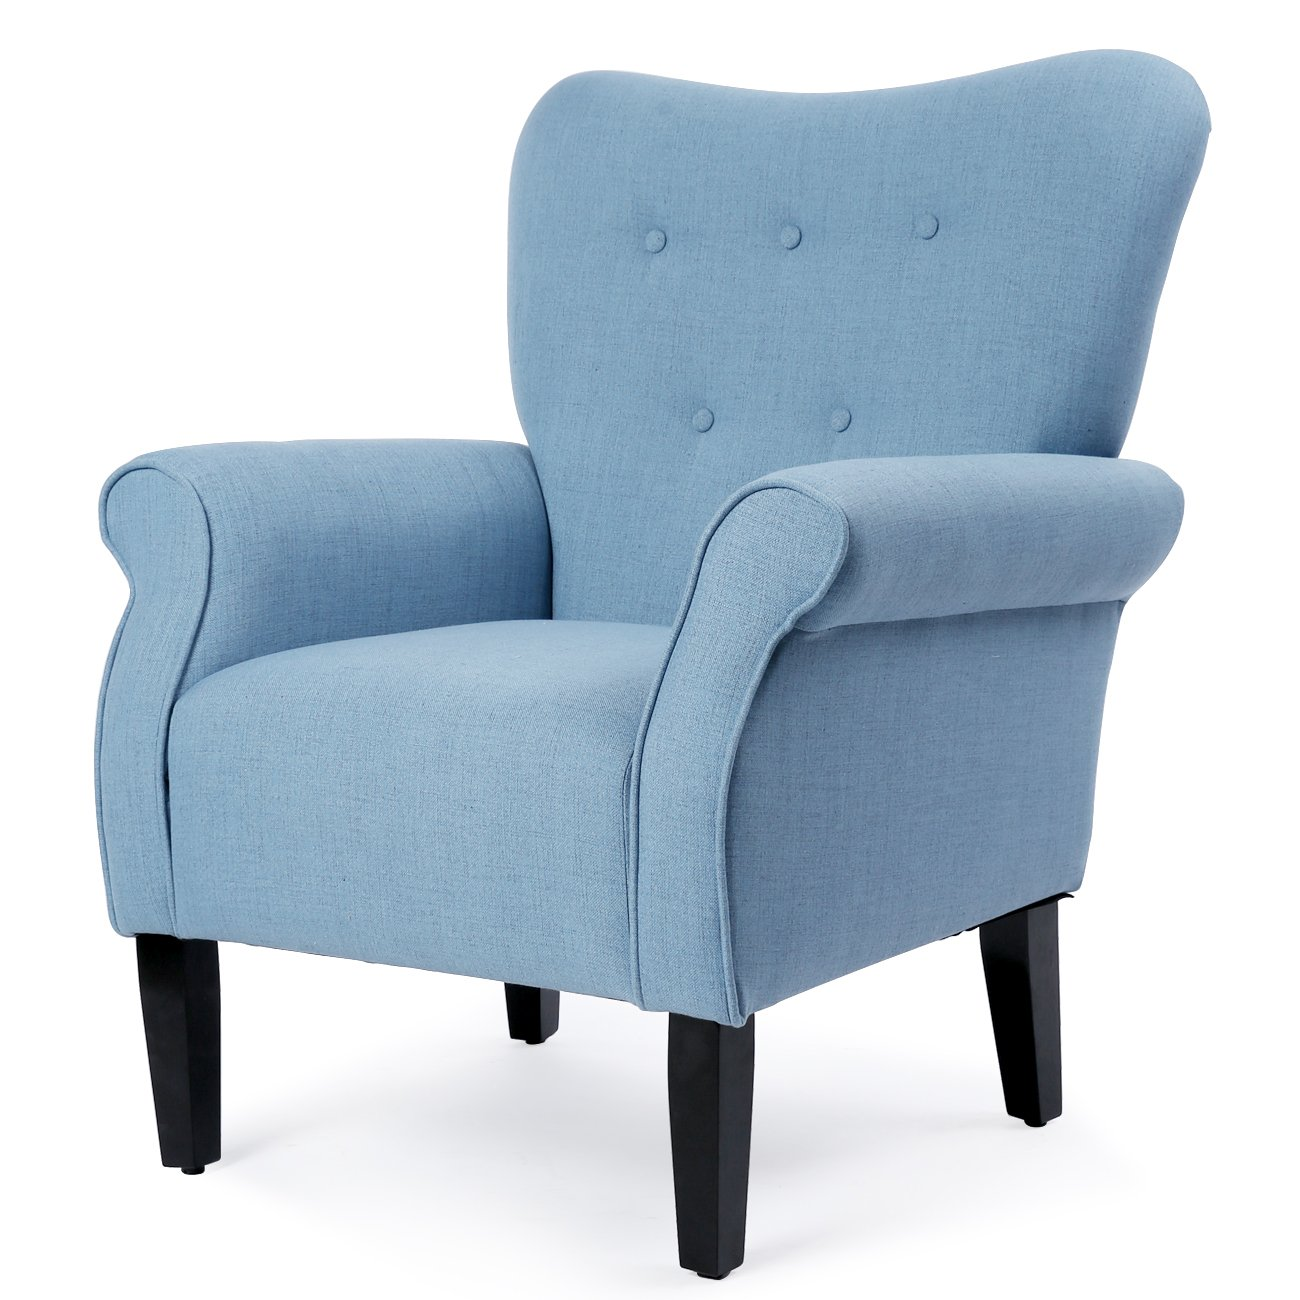 Belleze Modern Accent Chair Roll Arm Living Room Cushion Linen w/Wooden Leg (Avocado)